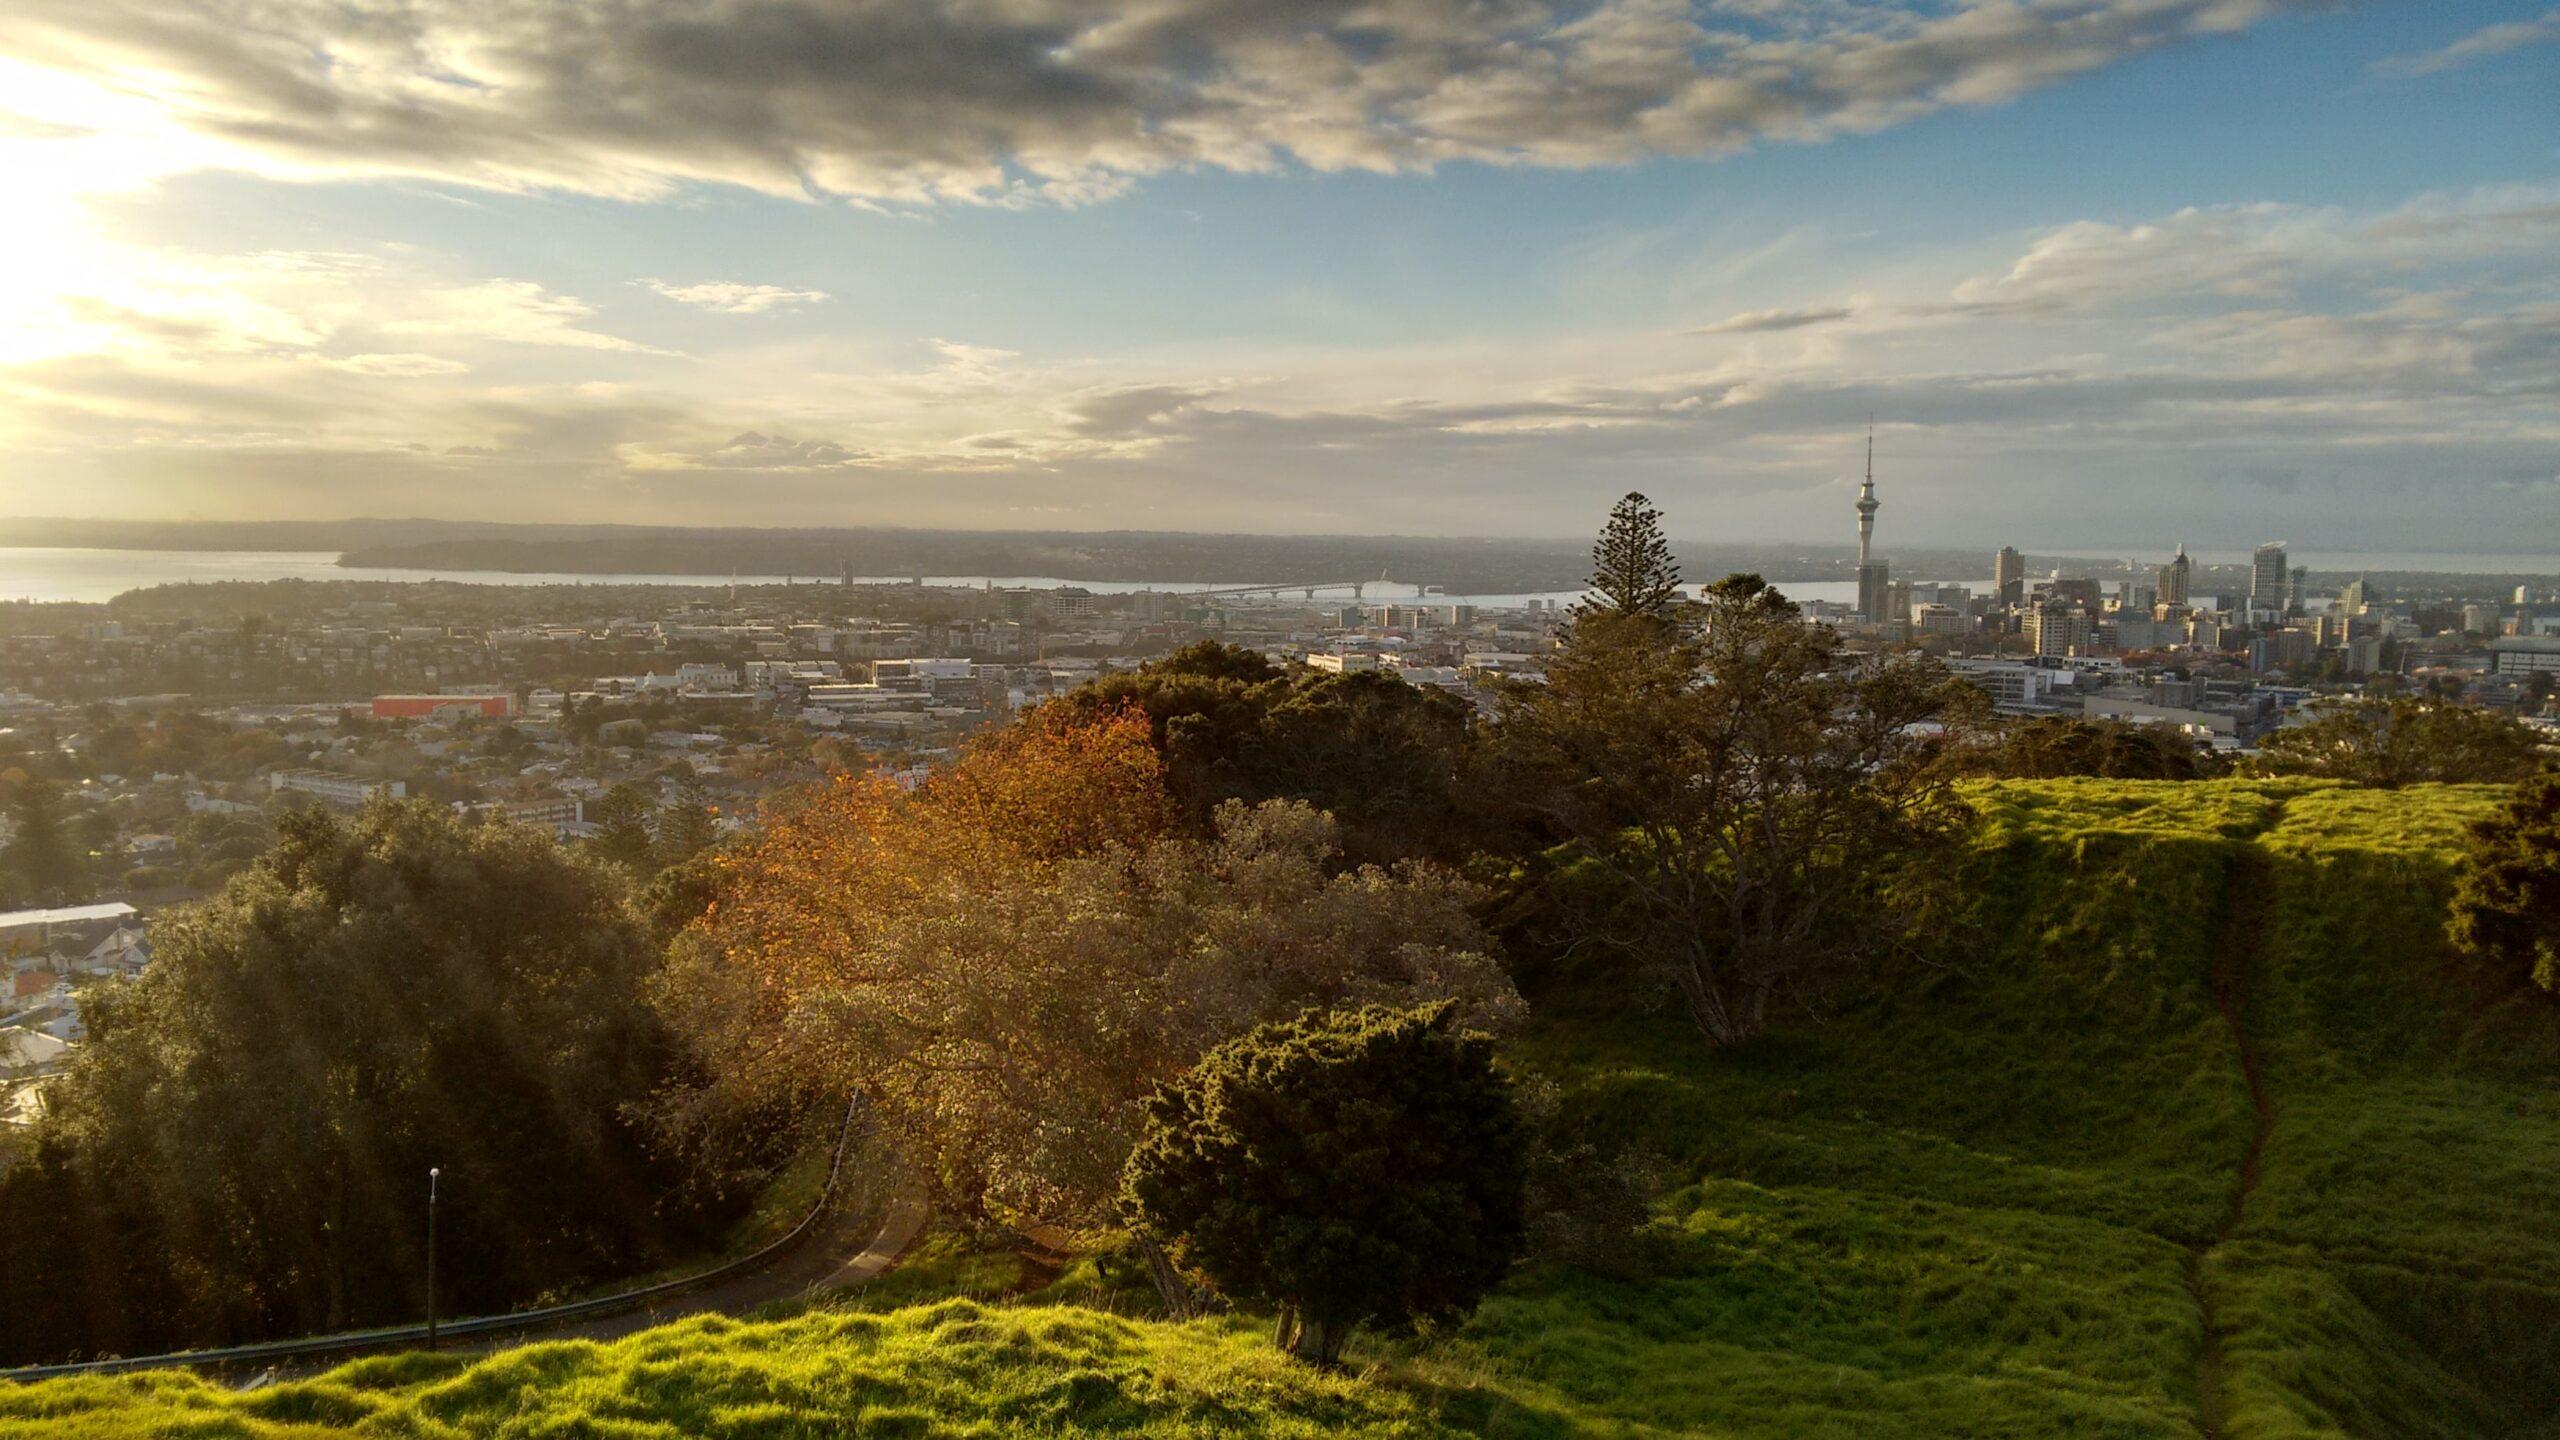 Vista da cidade de Auckland, na Nova Zelândia